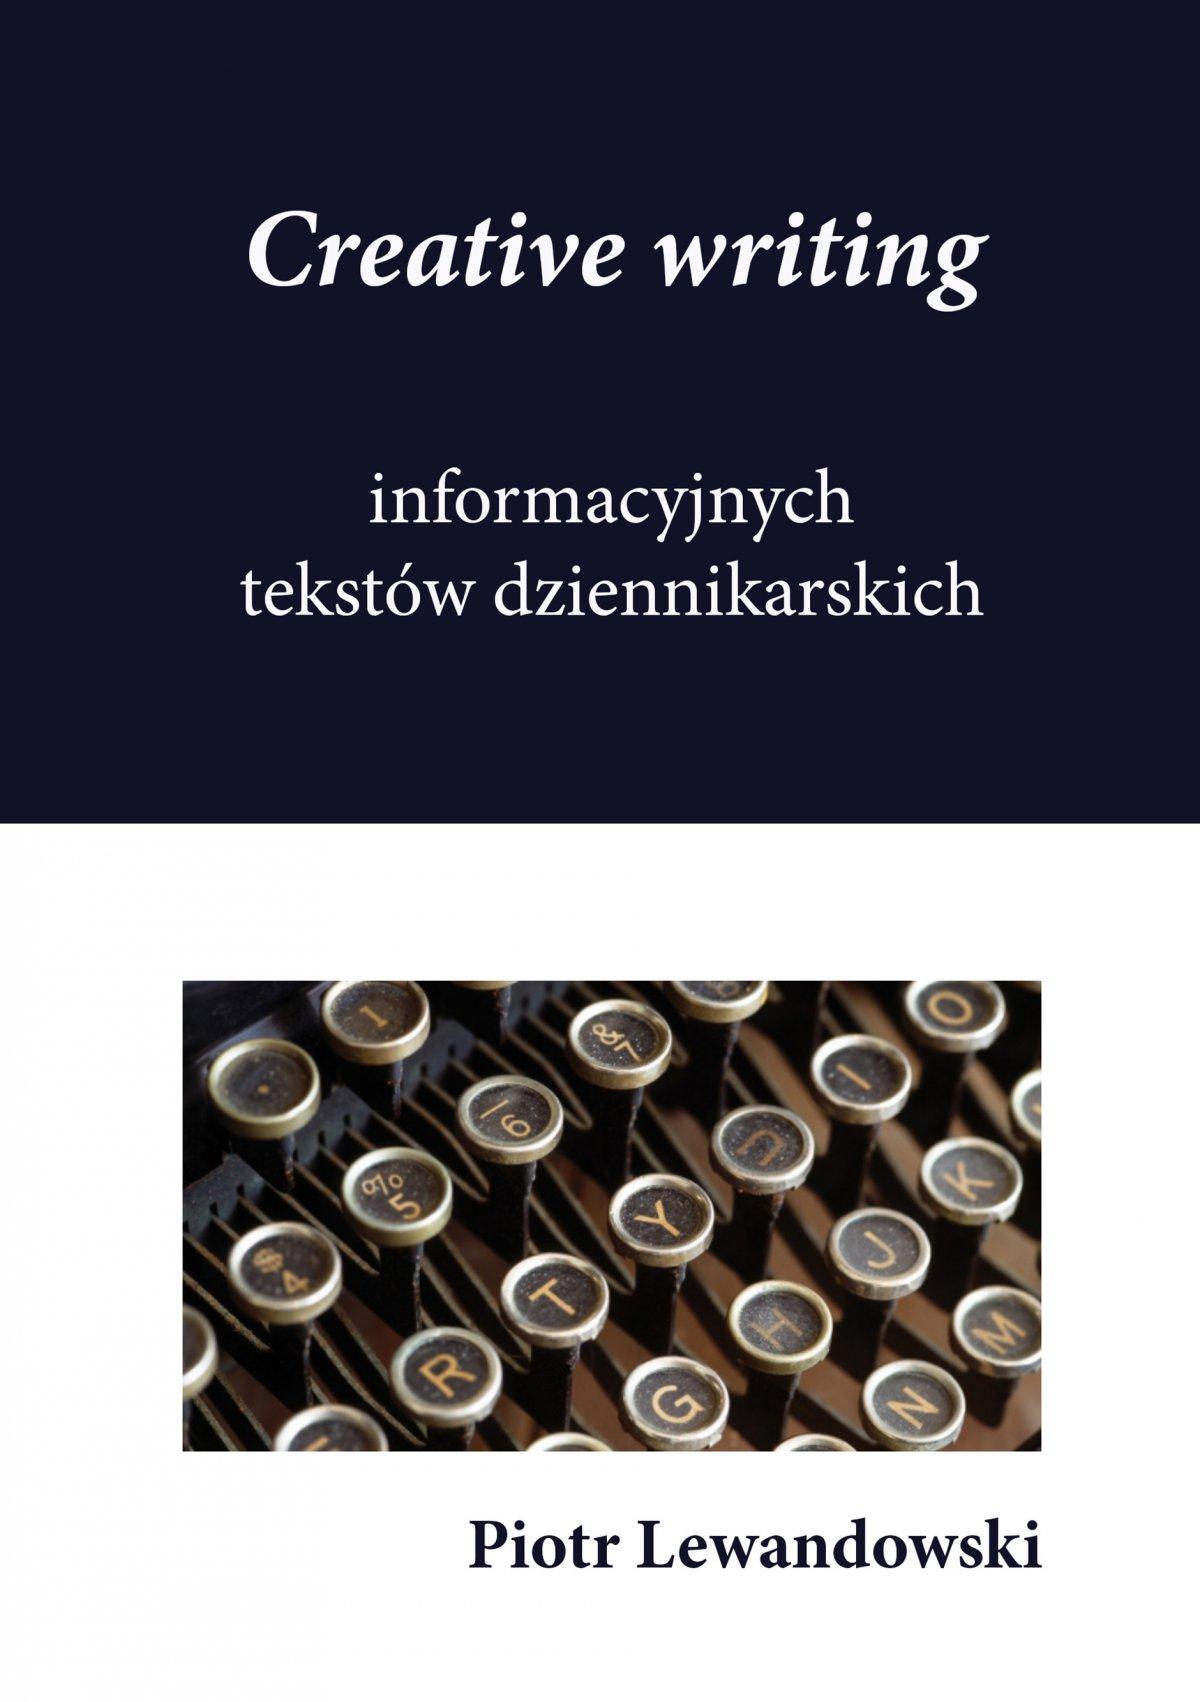 Creative writing tekstów dziennikarskich - Ebook (Książka na Kindle) do pobrania w formacie MOBI